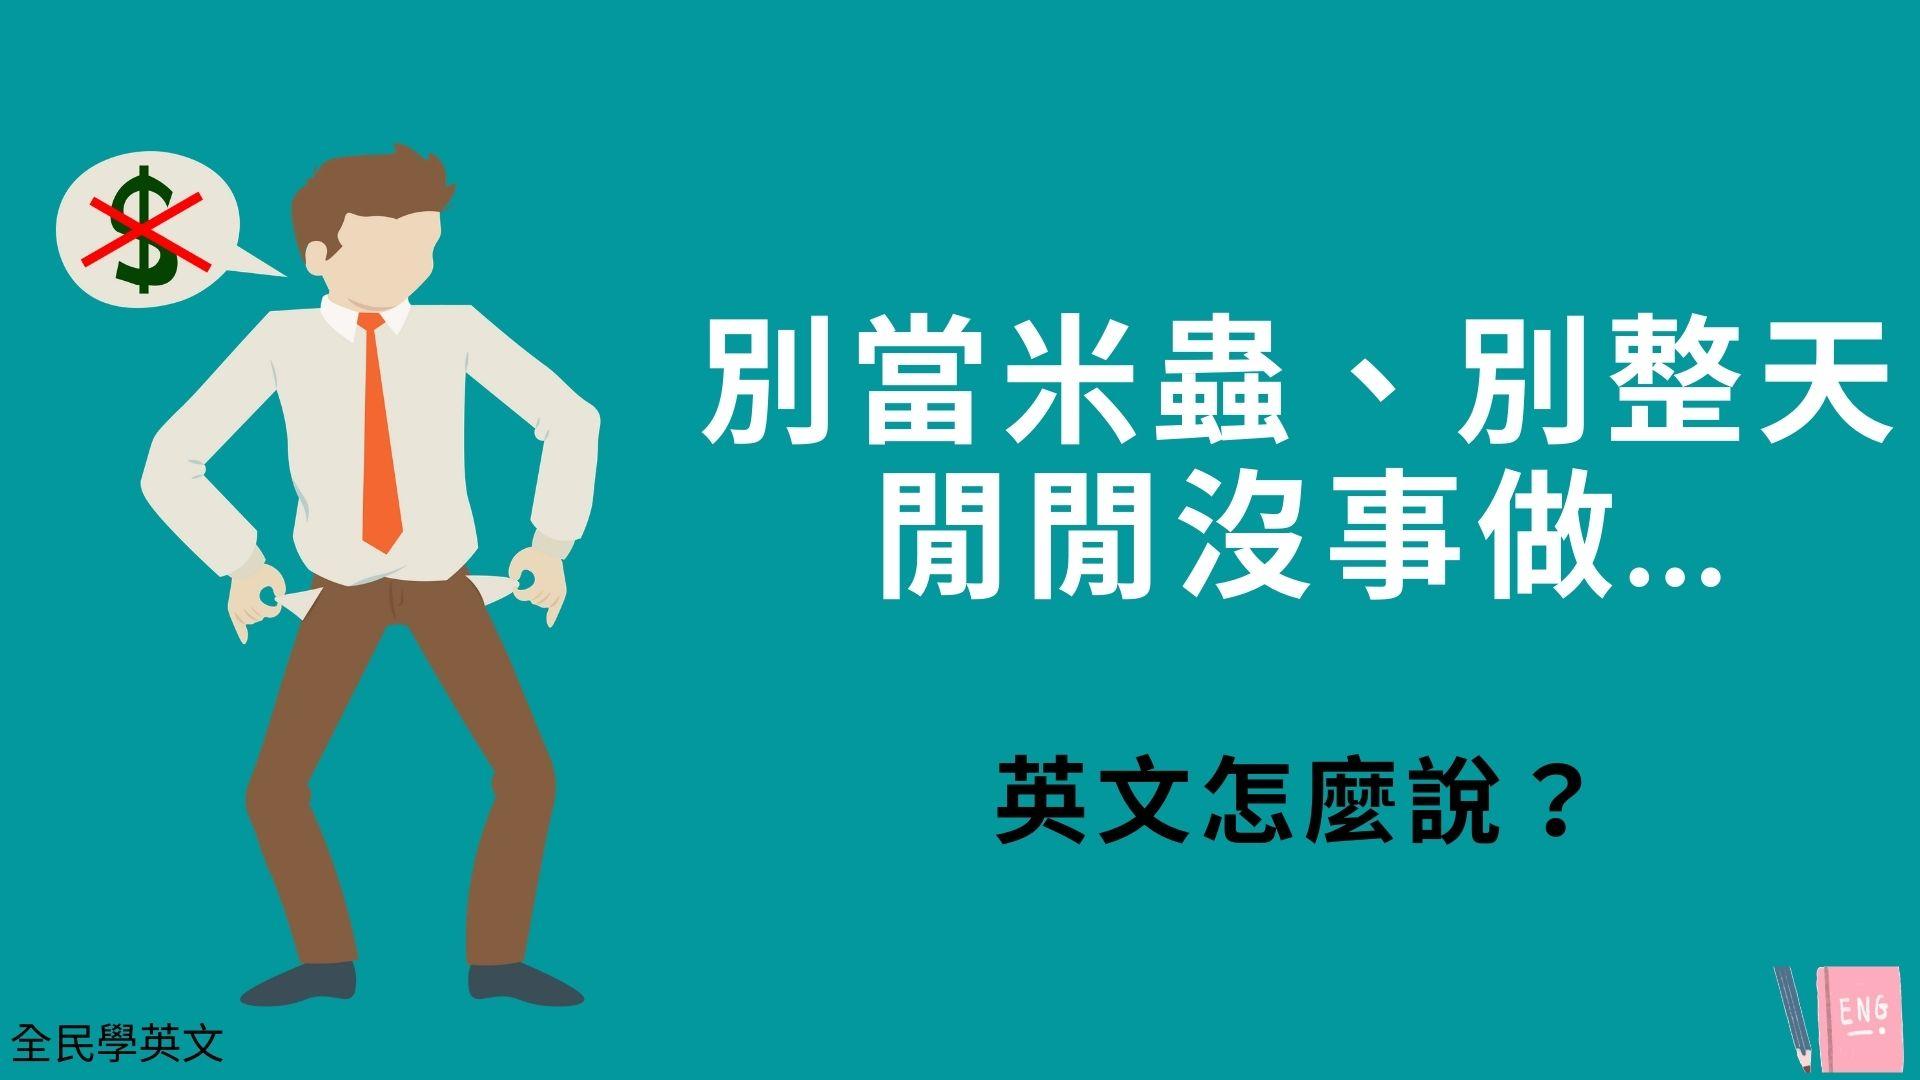 別當米蟲、別整天閒閒沒事做...英文怎麼說?看例句搞懂!